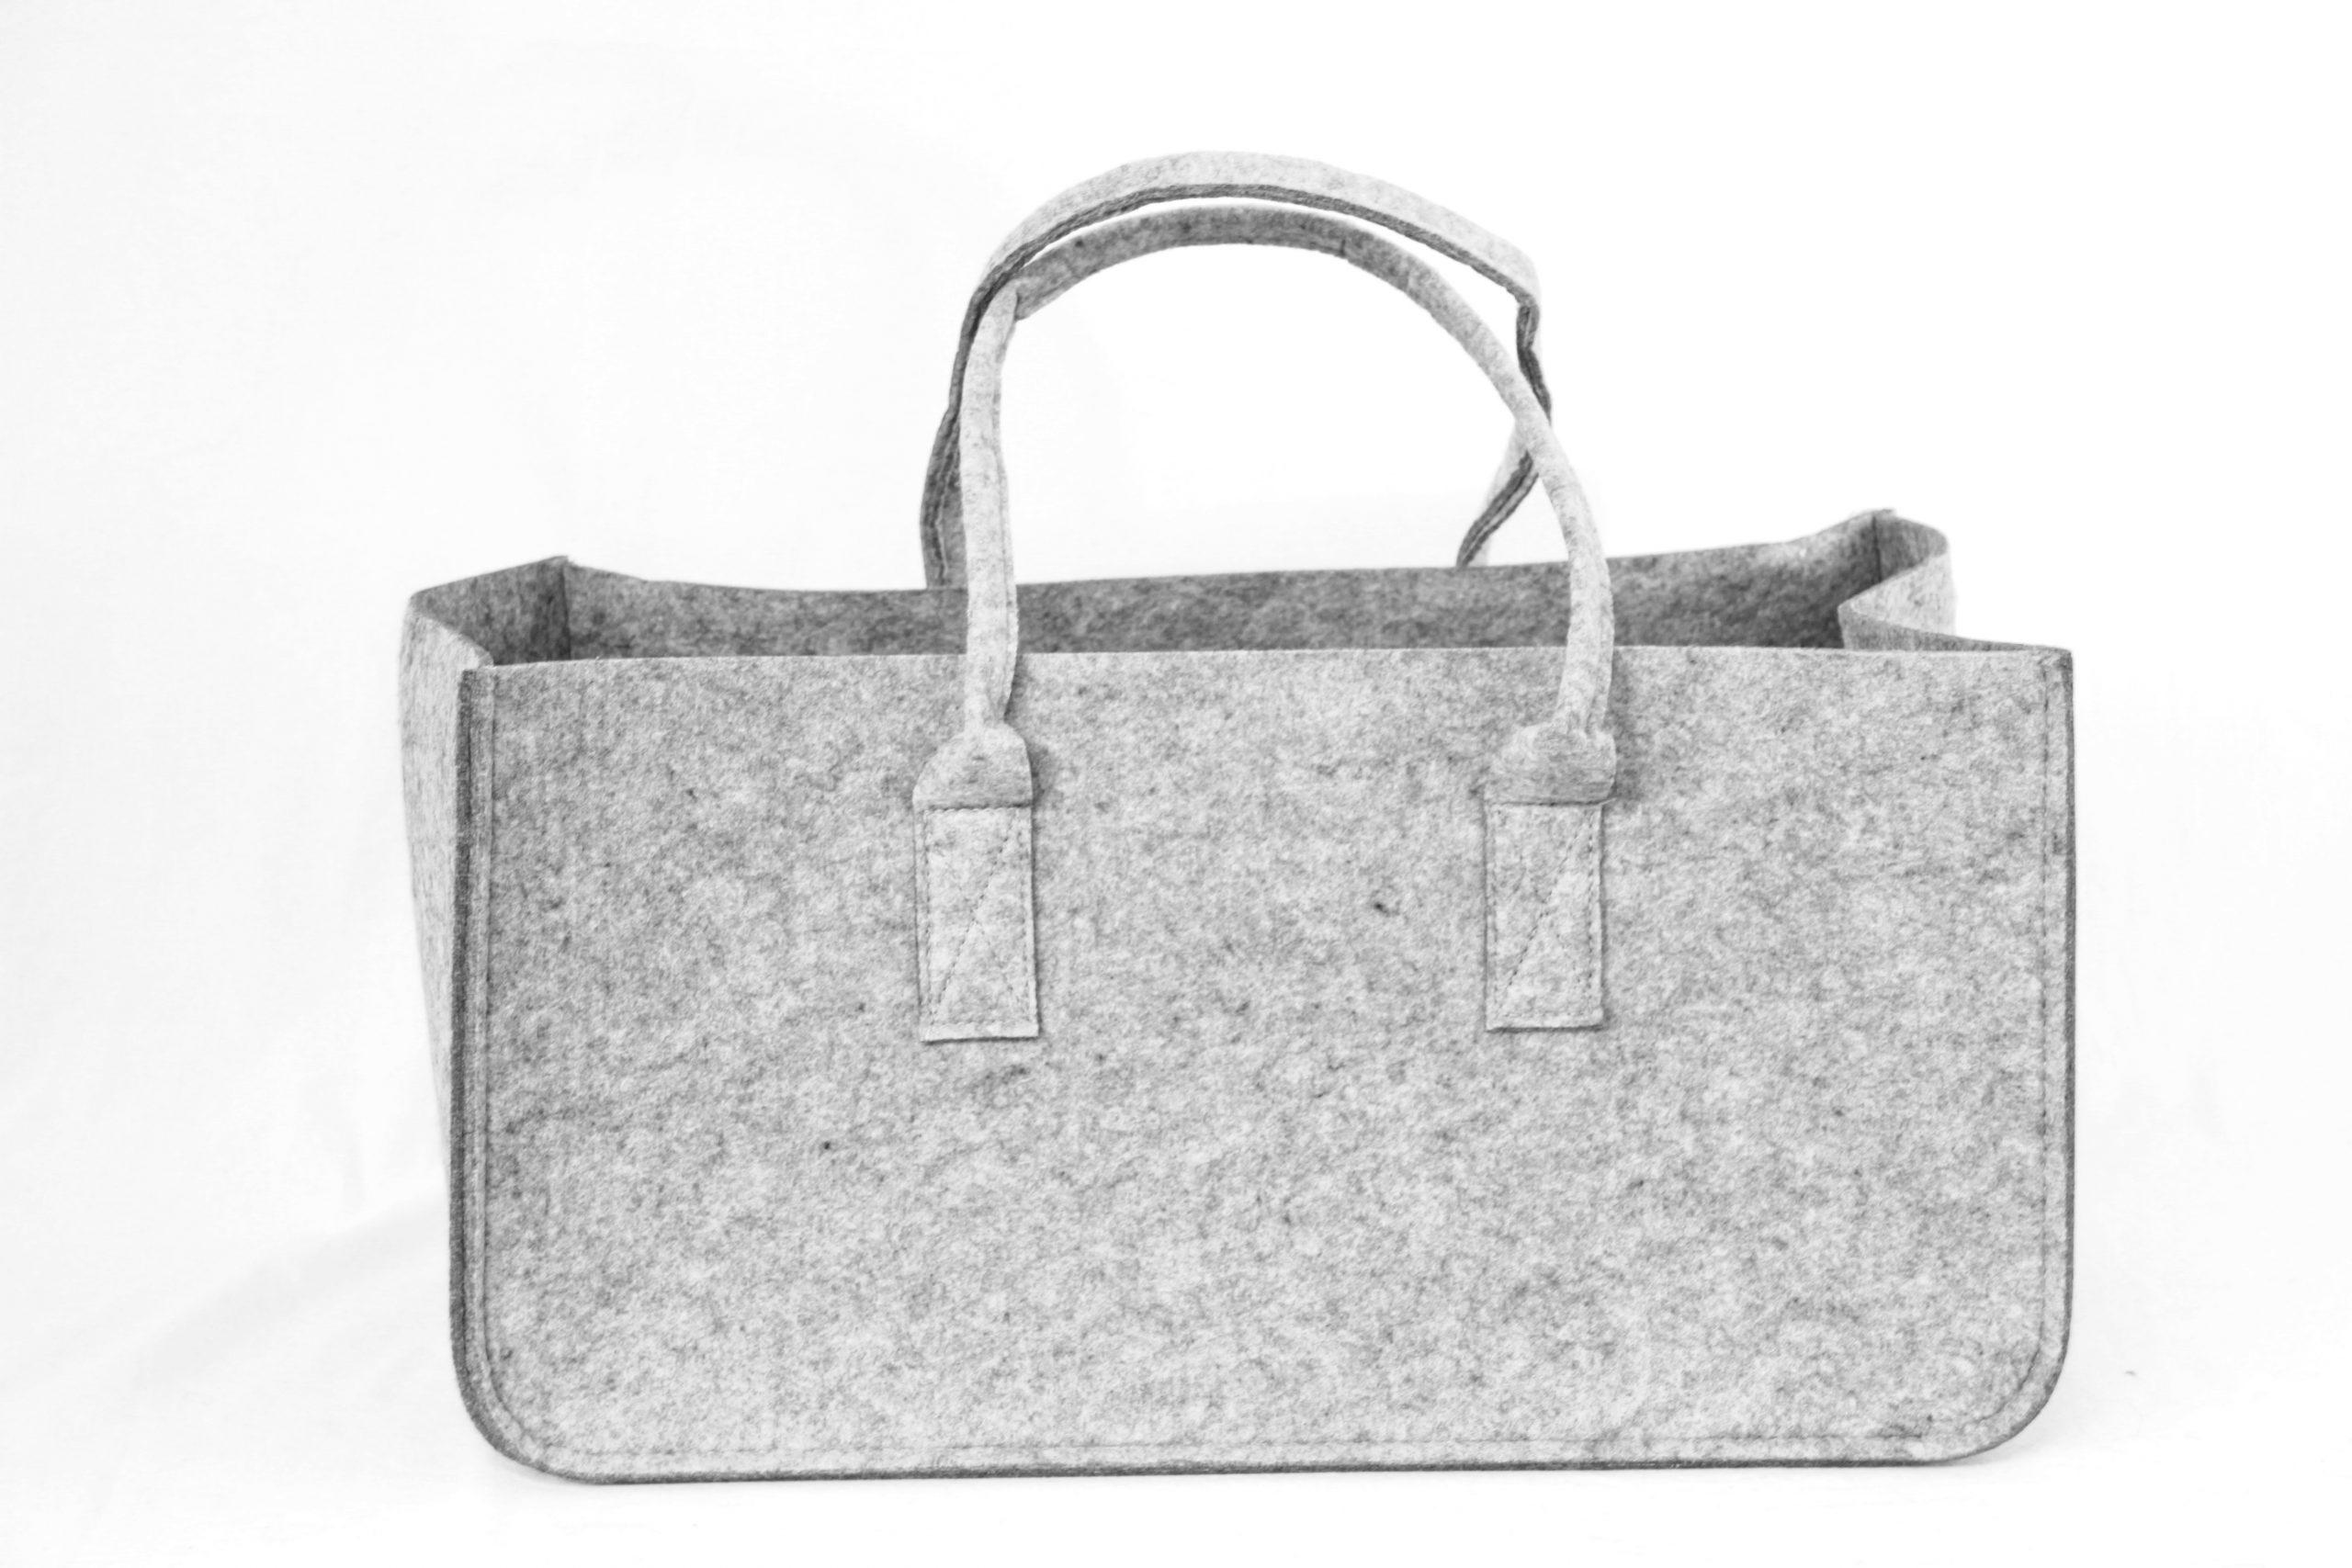 Graue Tasche aus Filz - Handgemachte individualisierbare Taschen, Körbe, Tischsets, Dekoartikel und mehr auf fideko.de der Onlineshop seit 2011